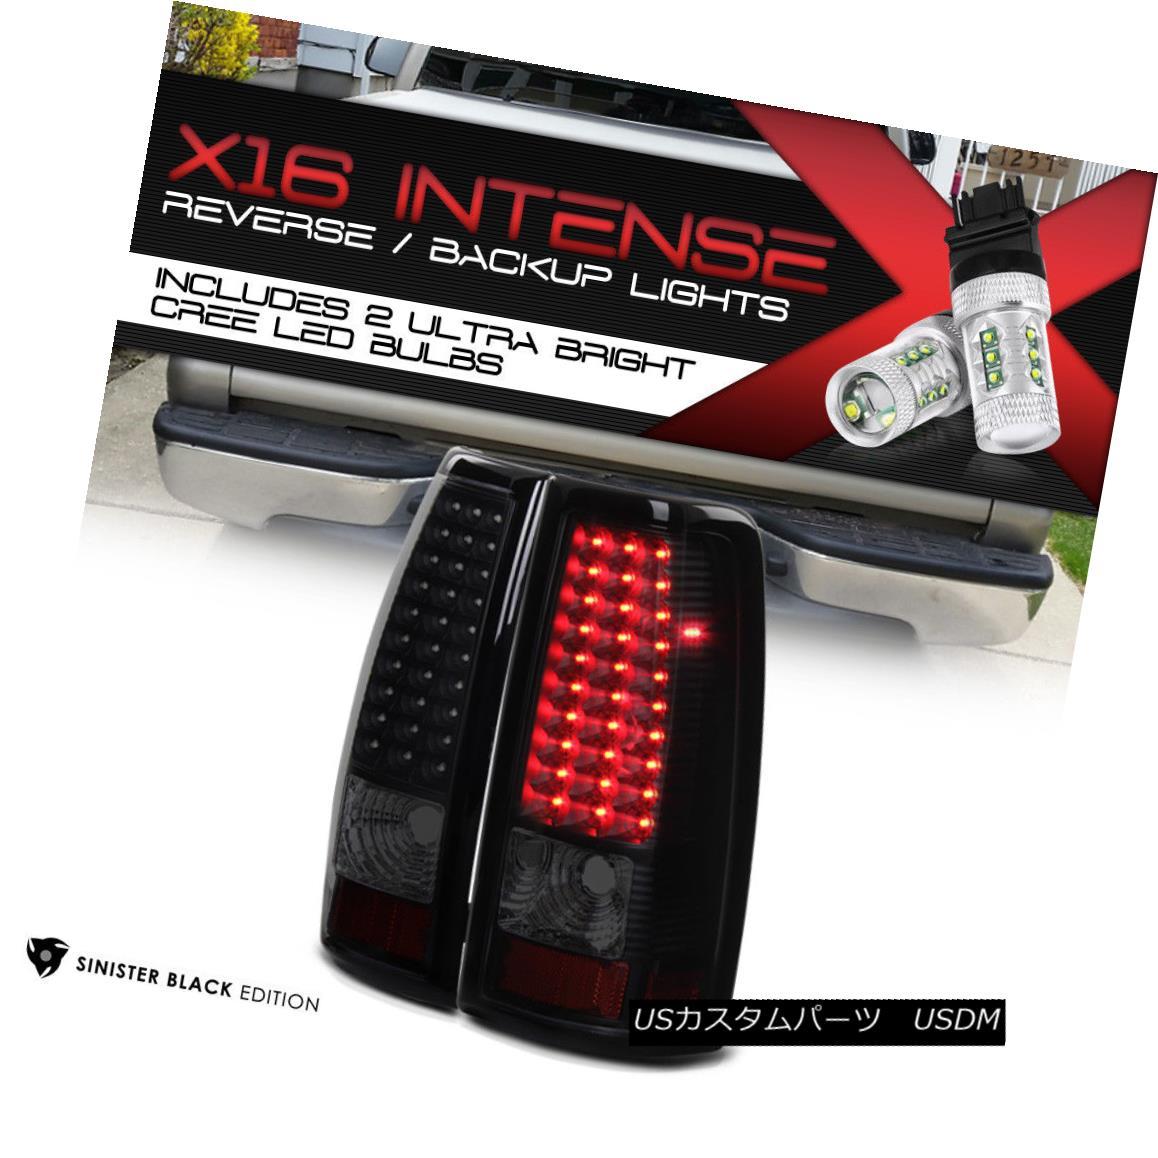 テールライト Cree LED Backup 1999-2002 Chevrolet Silverado 1500 Tail Lamps [SINISTER BLACK] クリーLEDのバックアップ1999-2002シボレーSilverado 1500テールランプ[SINISTER BLACK]